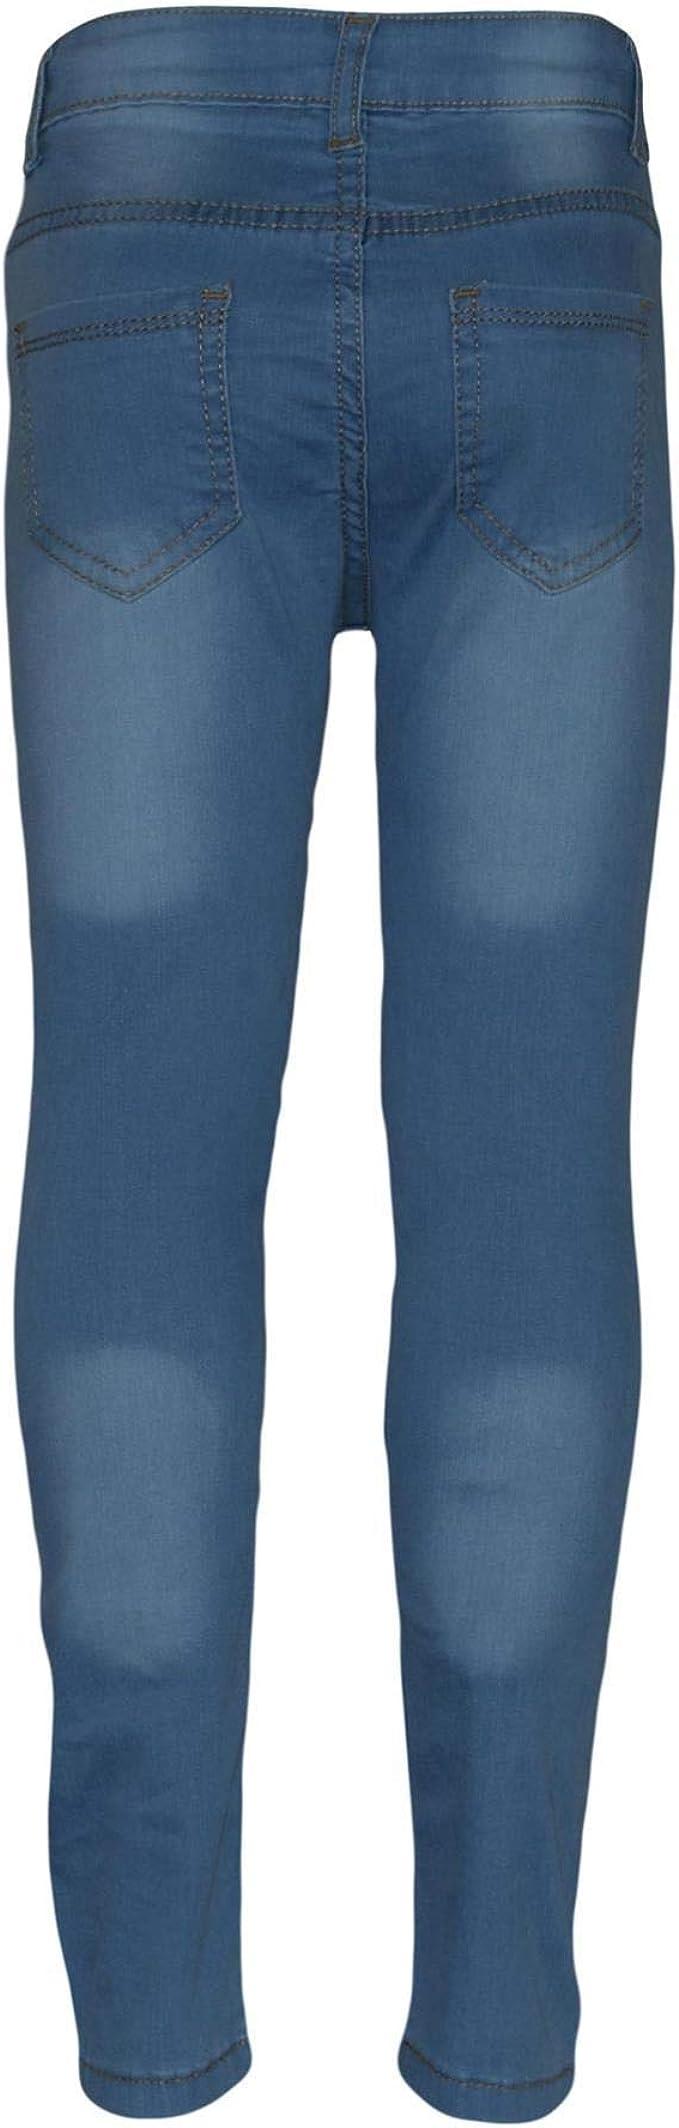 Filles Denim gilet bleu jean Veste Sans Manches Gilet Âge 3 7 8 9 10 12 ans